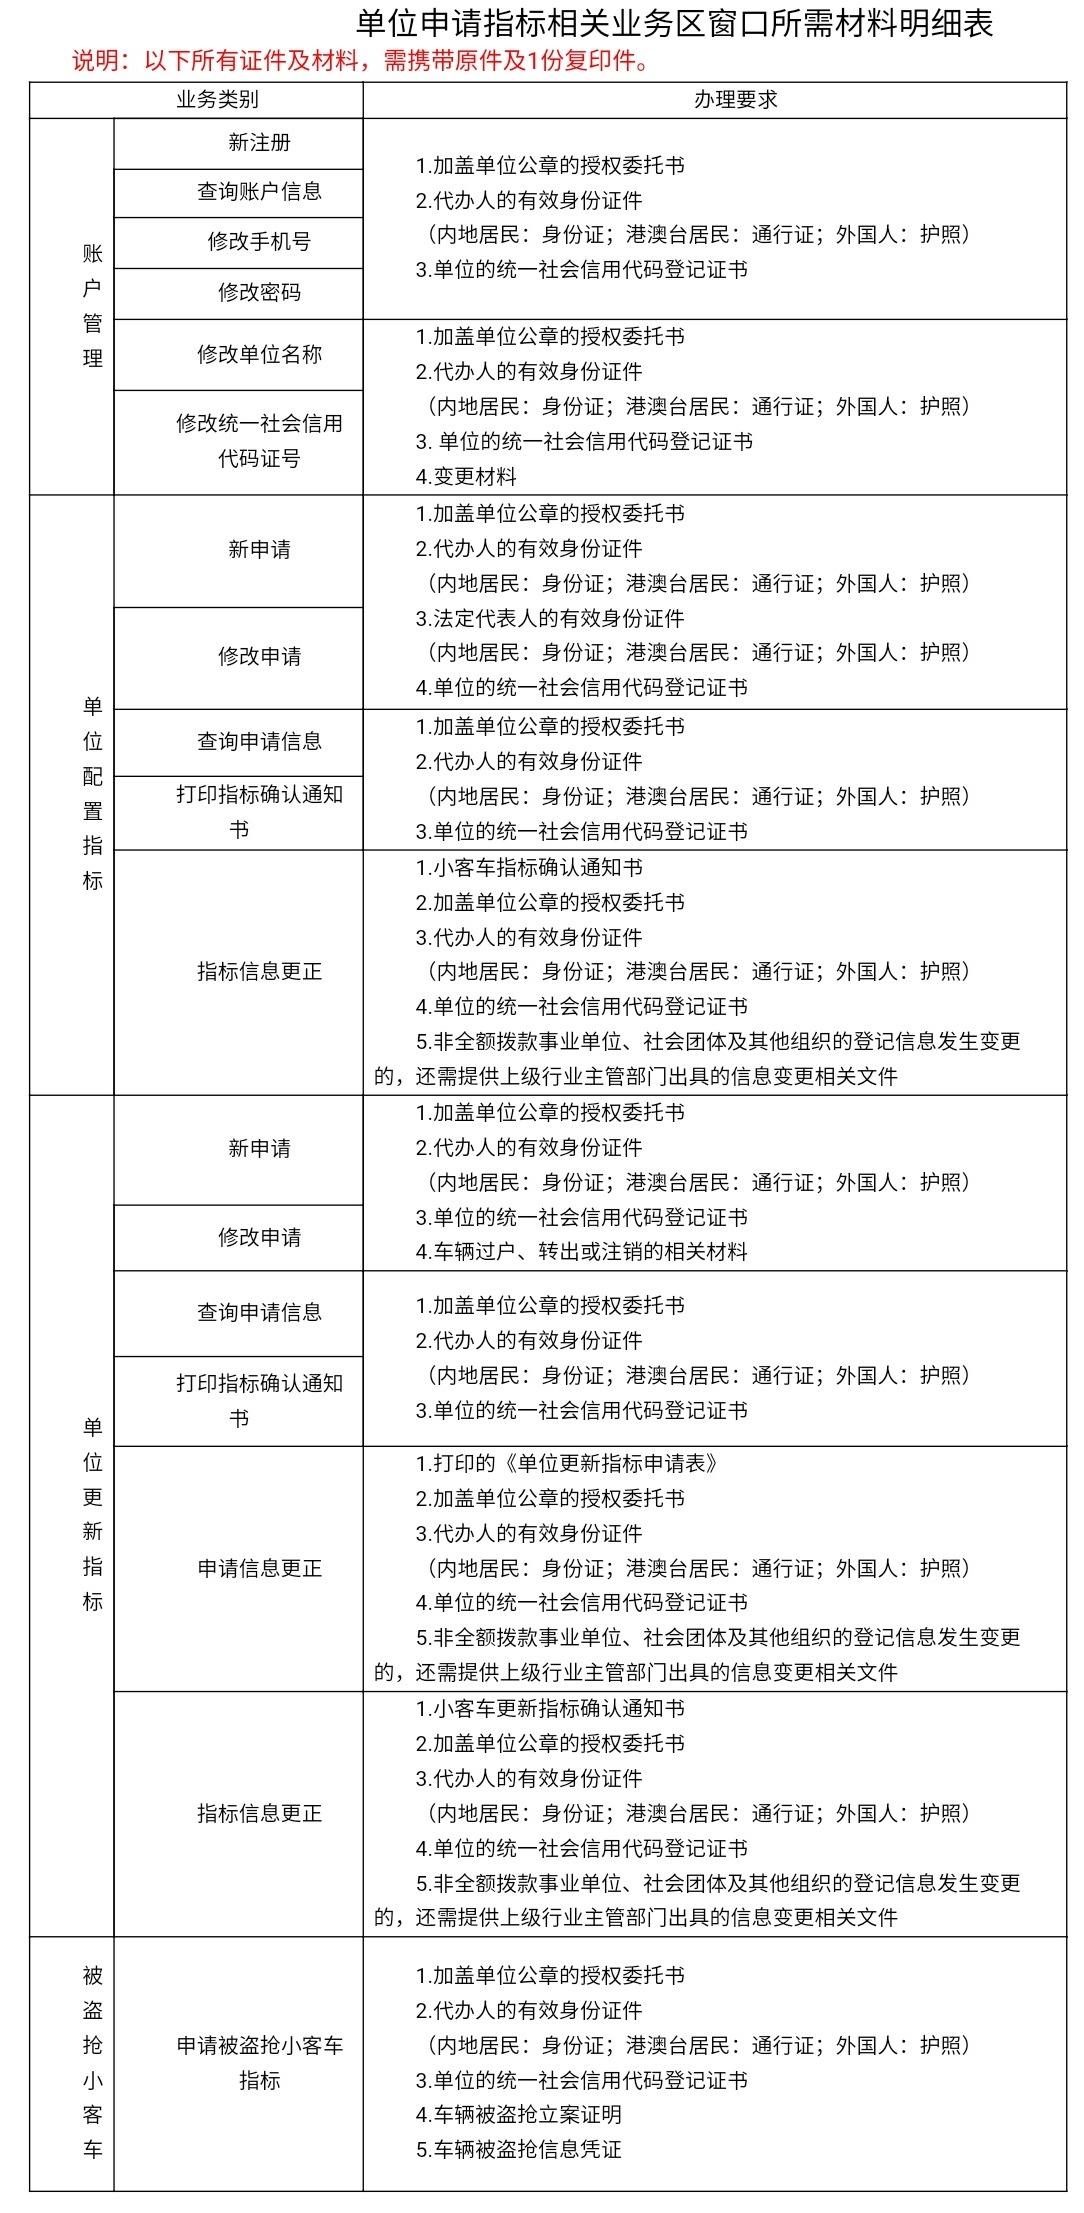 北京公布家园乞求小客车目的等买卖所需资料明细单